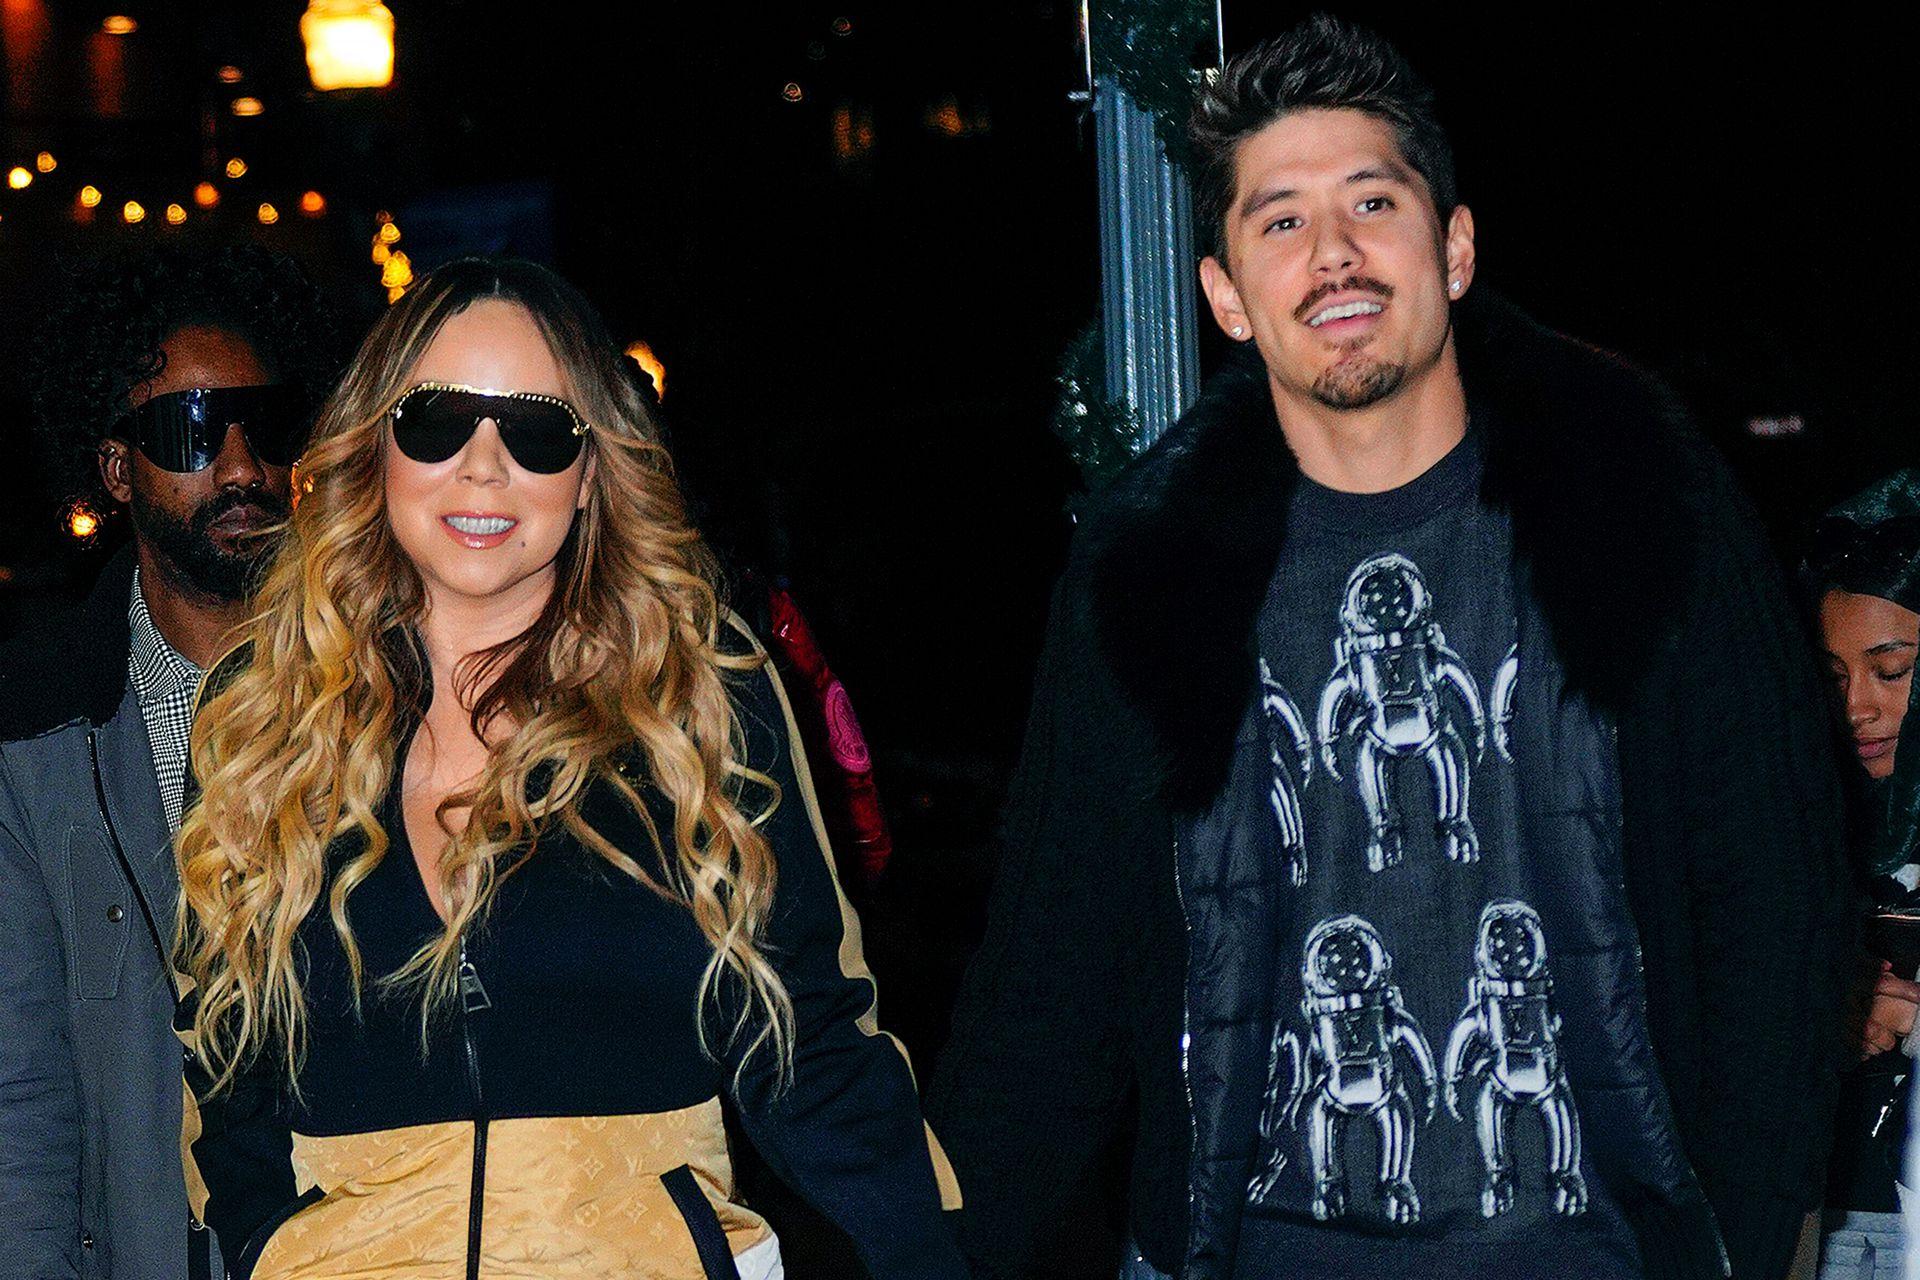 Un amor bajo perfil: Mariah Carey, de 50 años, junto al bailarín y coreógrafo Bryan Tanaka, de 36 años